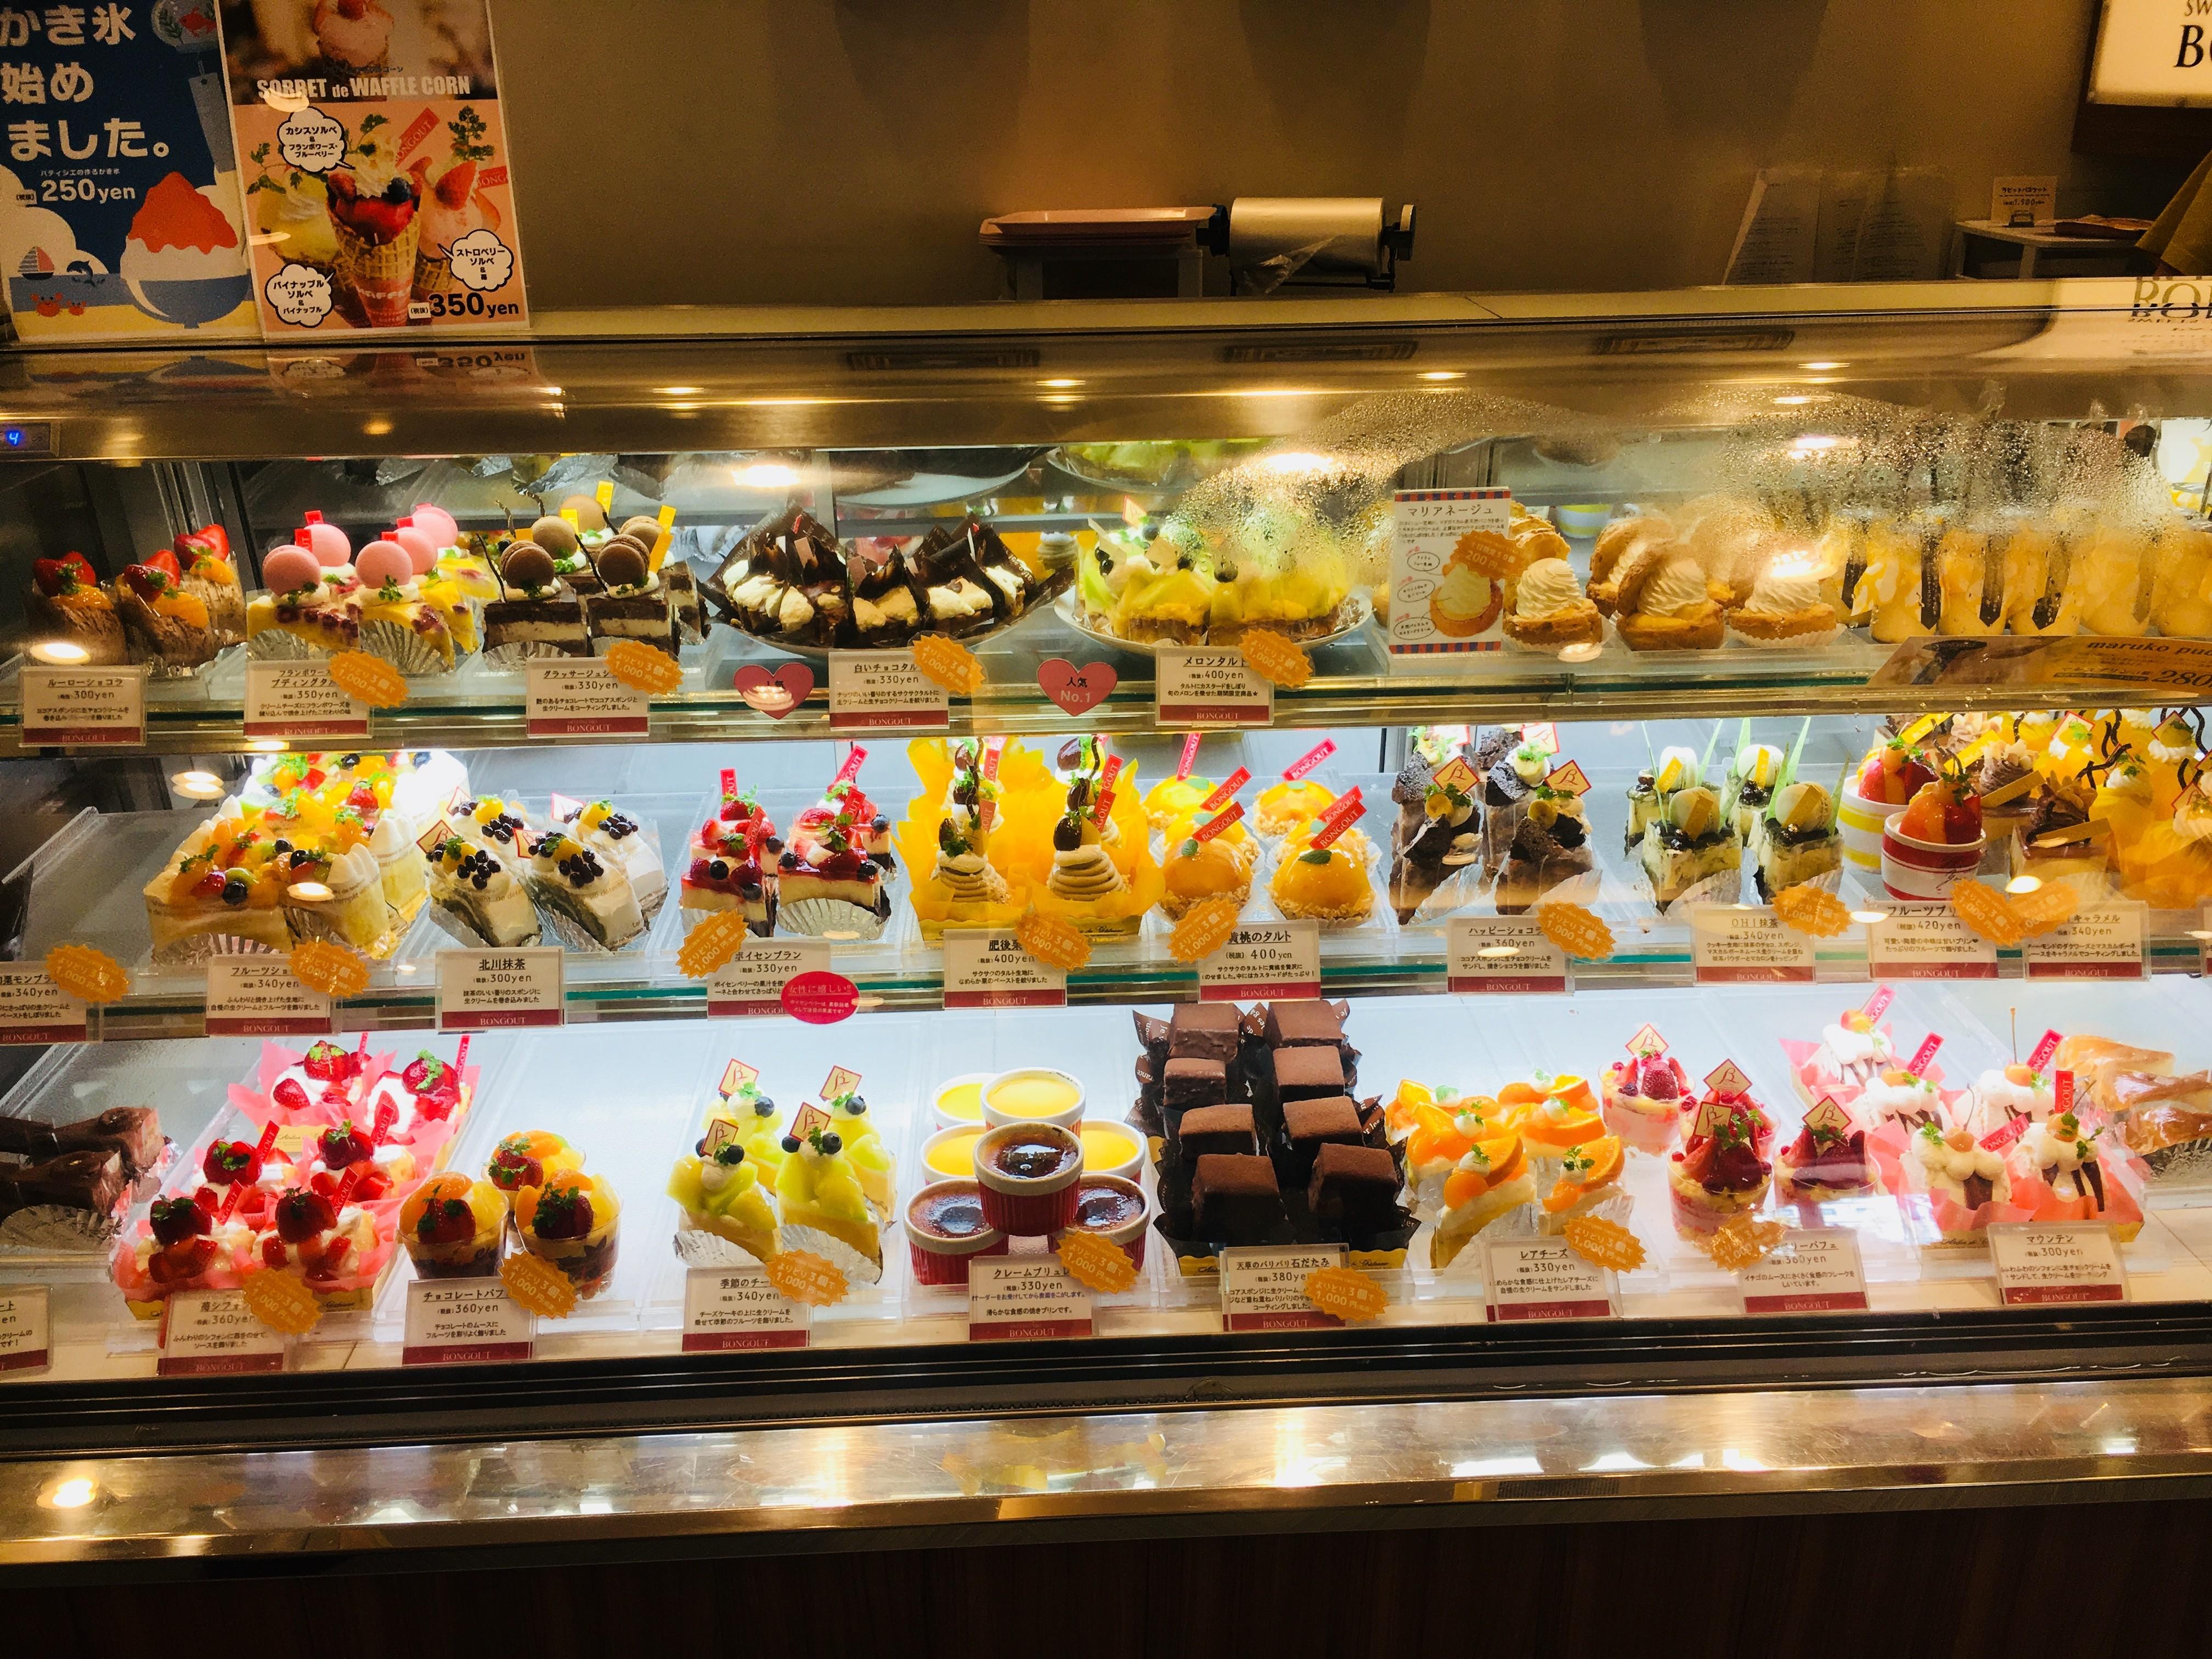 【スイーツラボ ボングー】天草の地元で40年愛され続ける種類豊富な洋菓子店